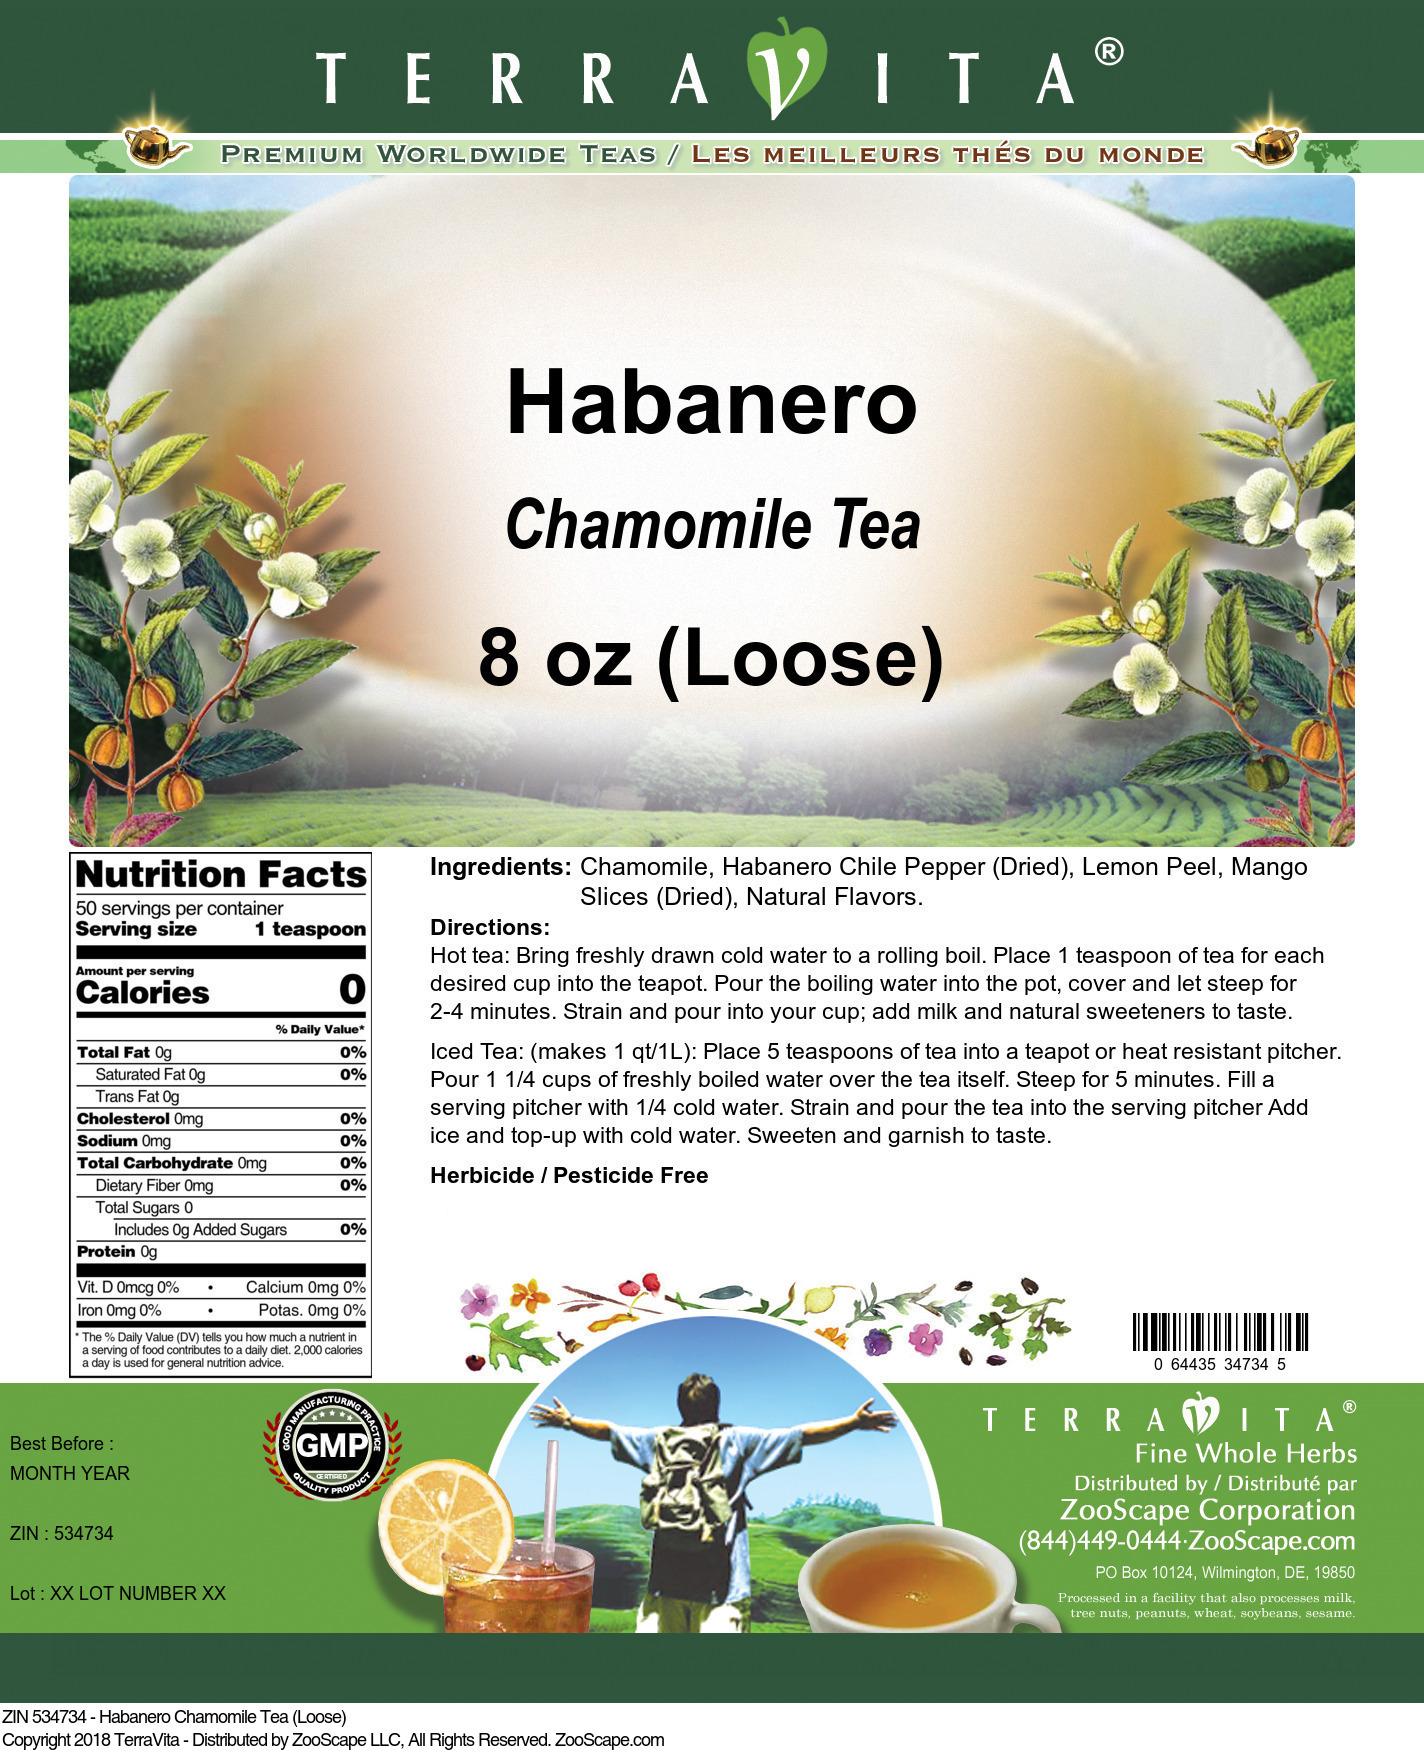 Habanero Chamomile Tea (Loose)